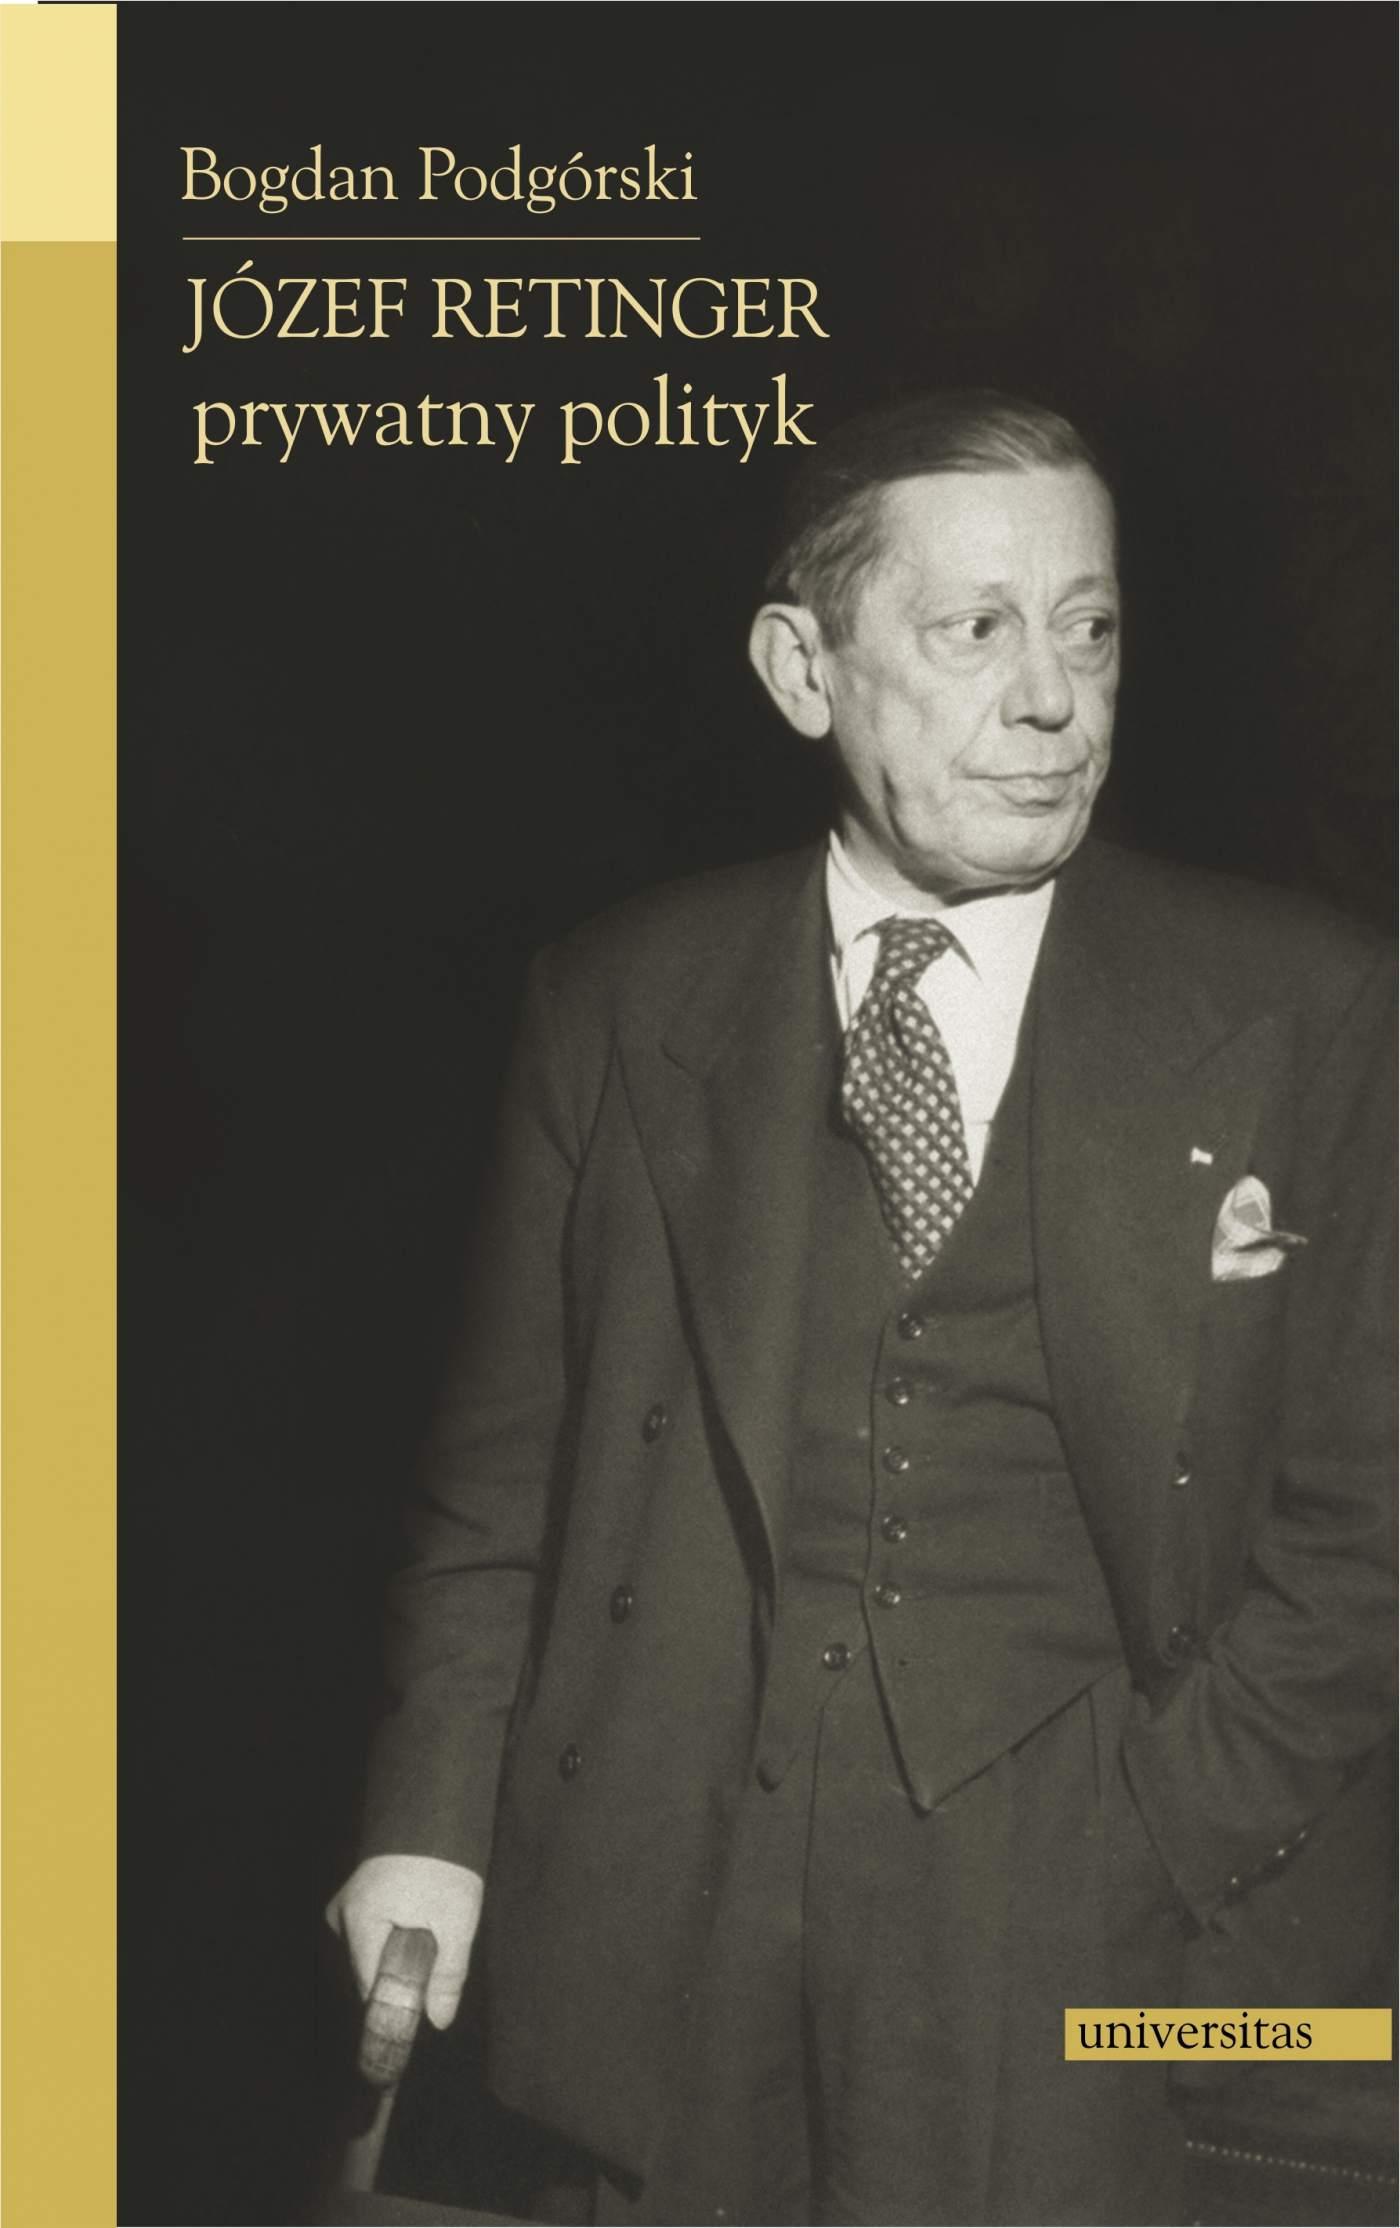 Józef Retinger - prywatny polityk - Ebook (Książka PDF) do pobrania w formacie PDF